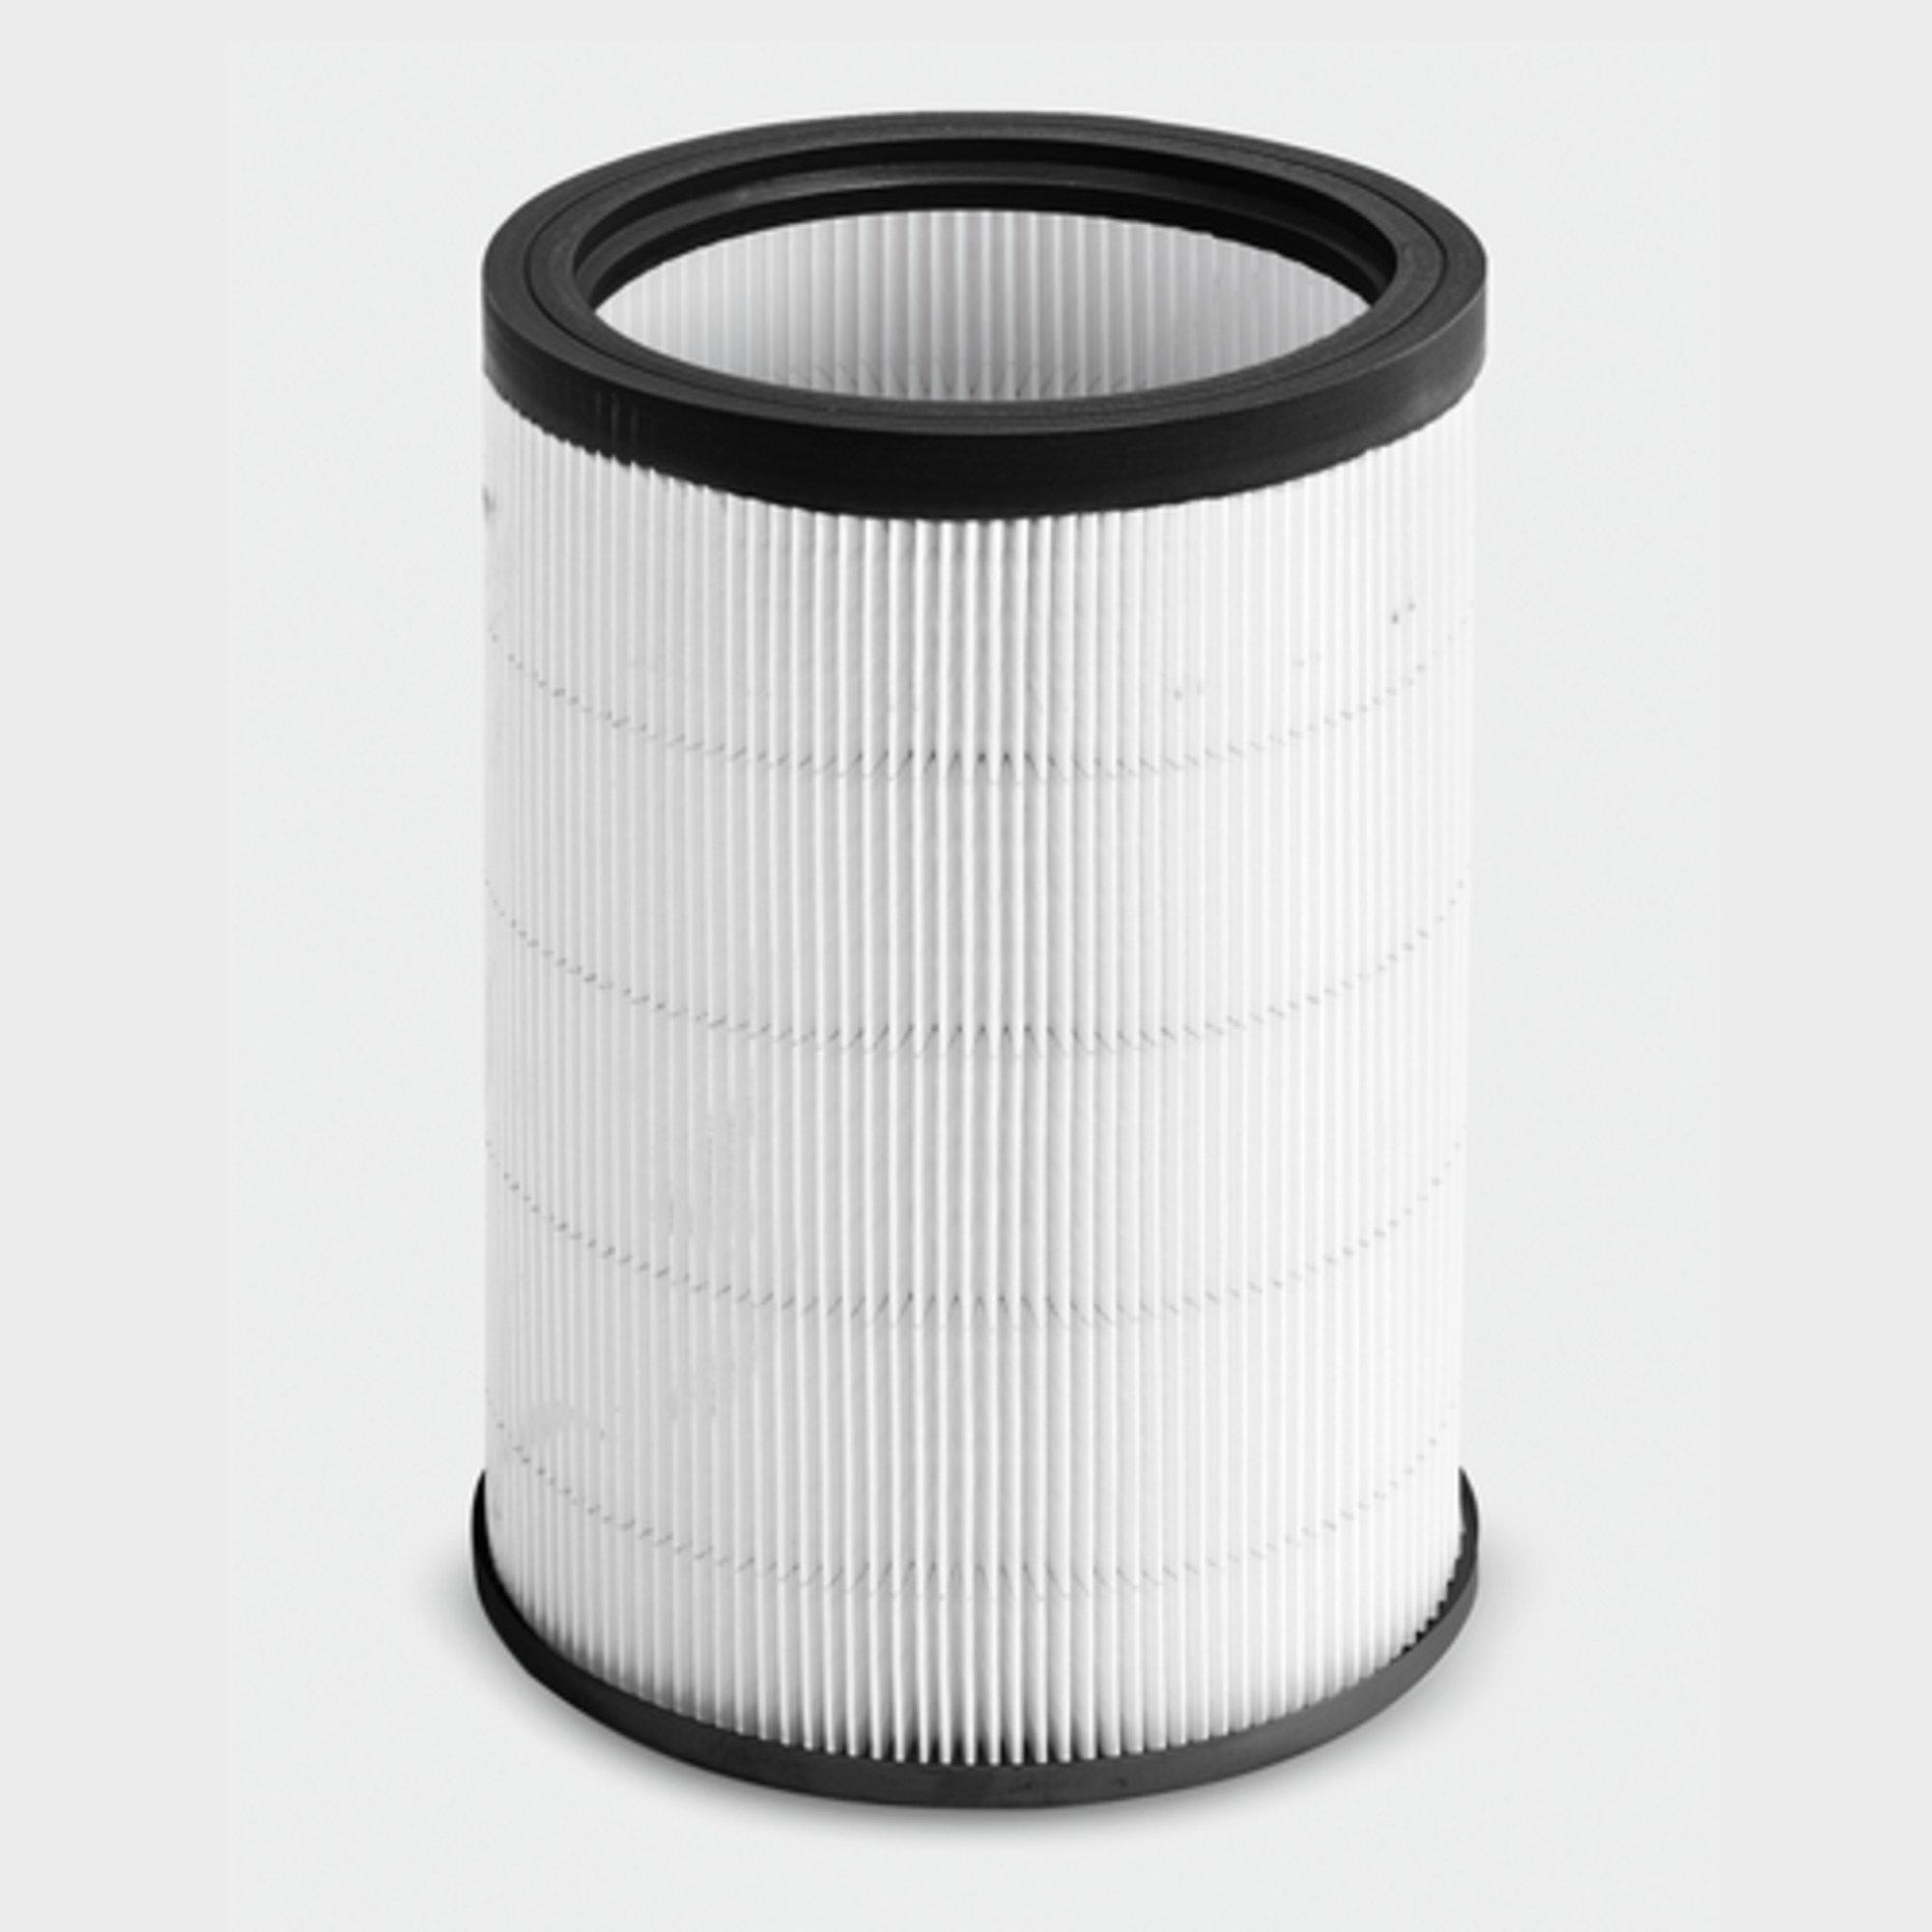 Пылесос влажной и сухой уборки NT 22/1 Ap Te L: Влагостойки патронный фильтр PES